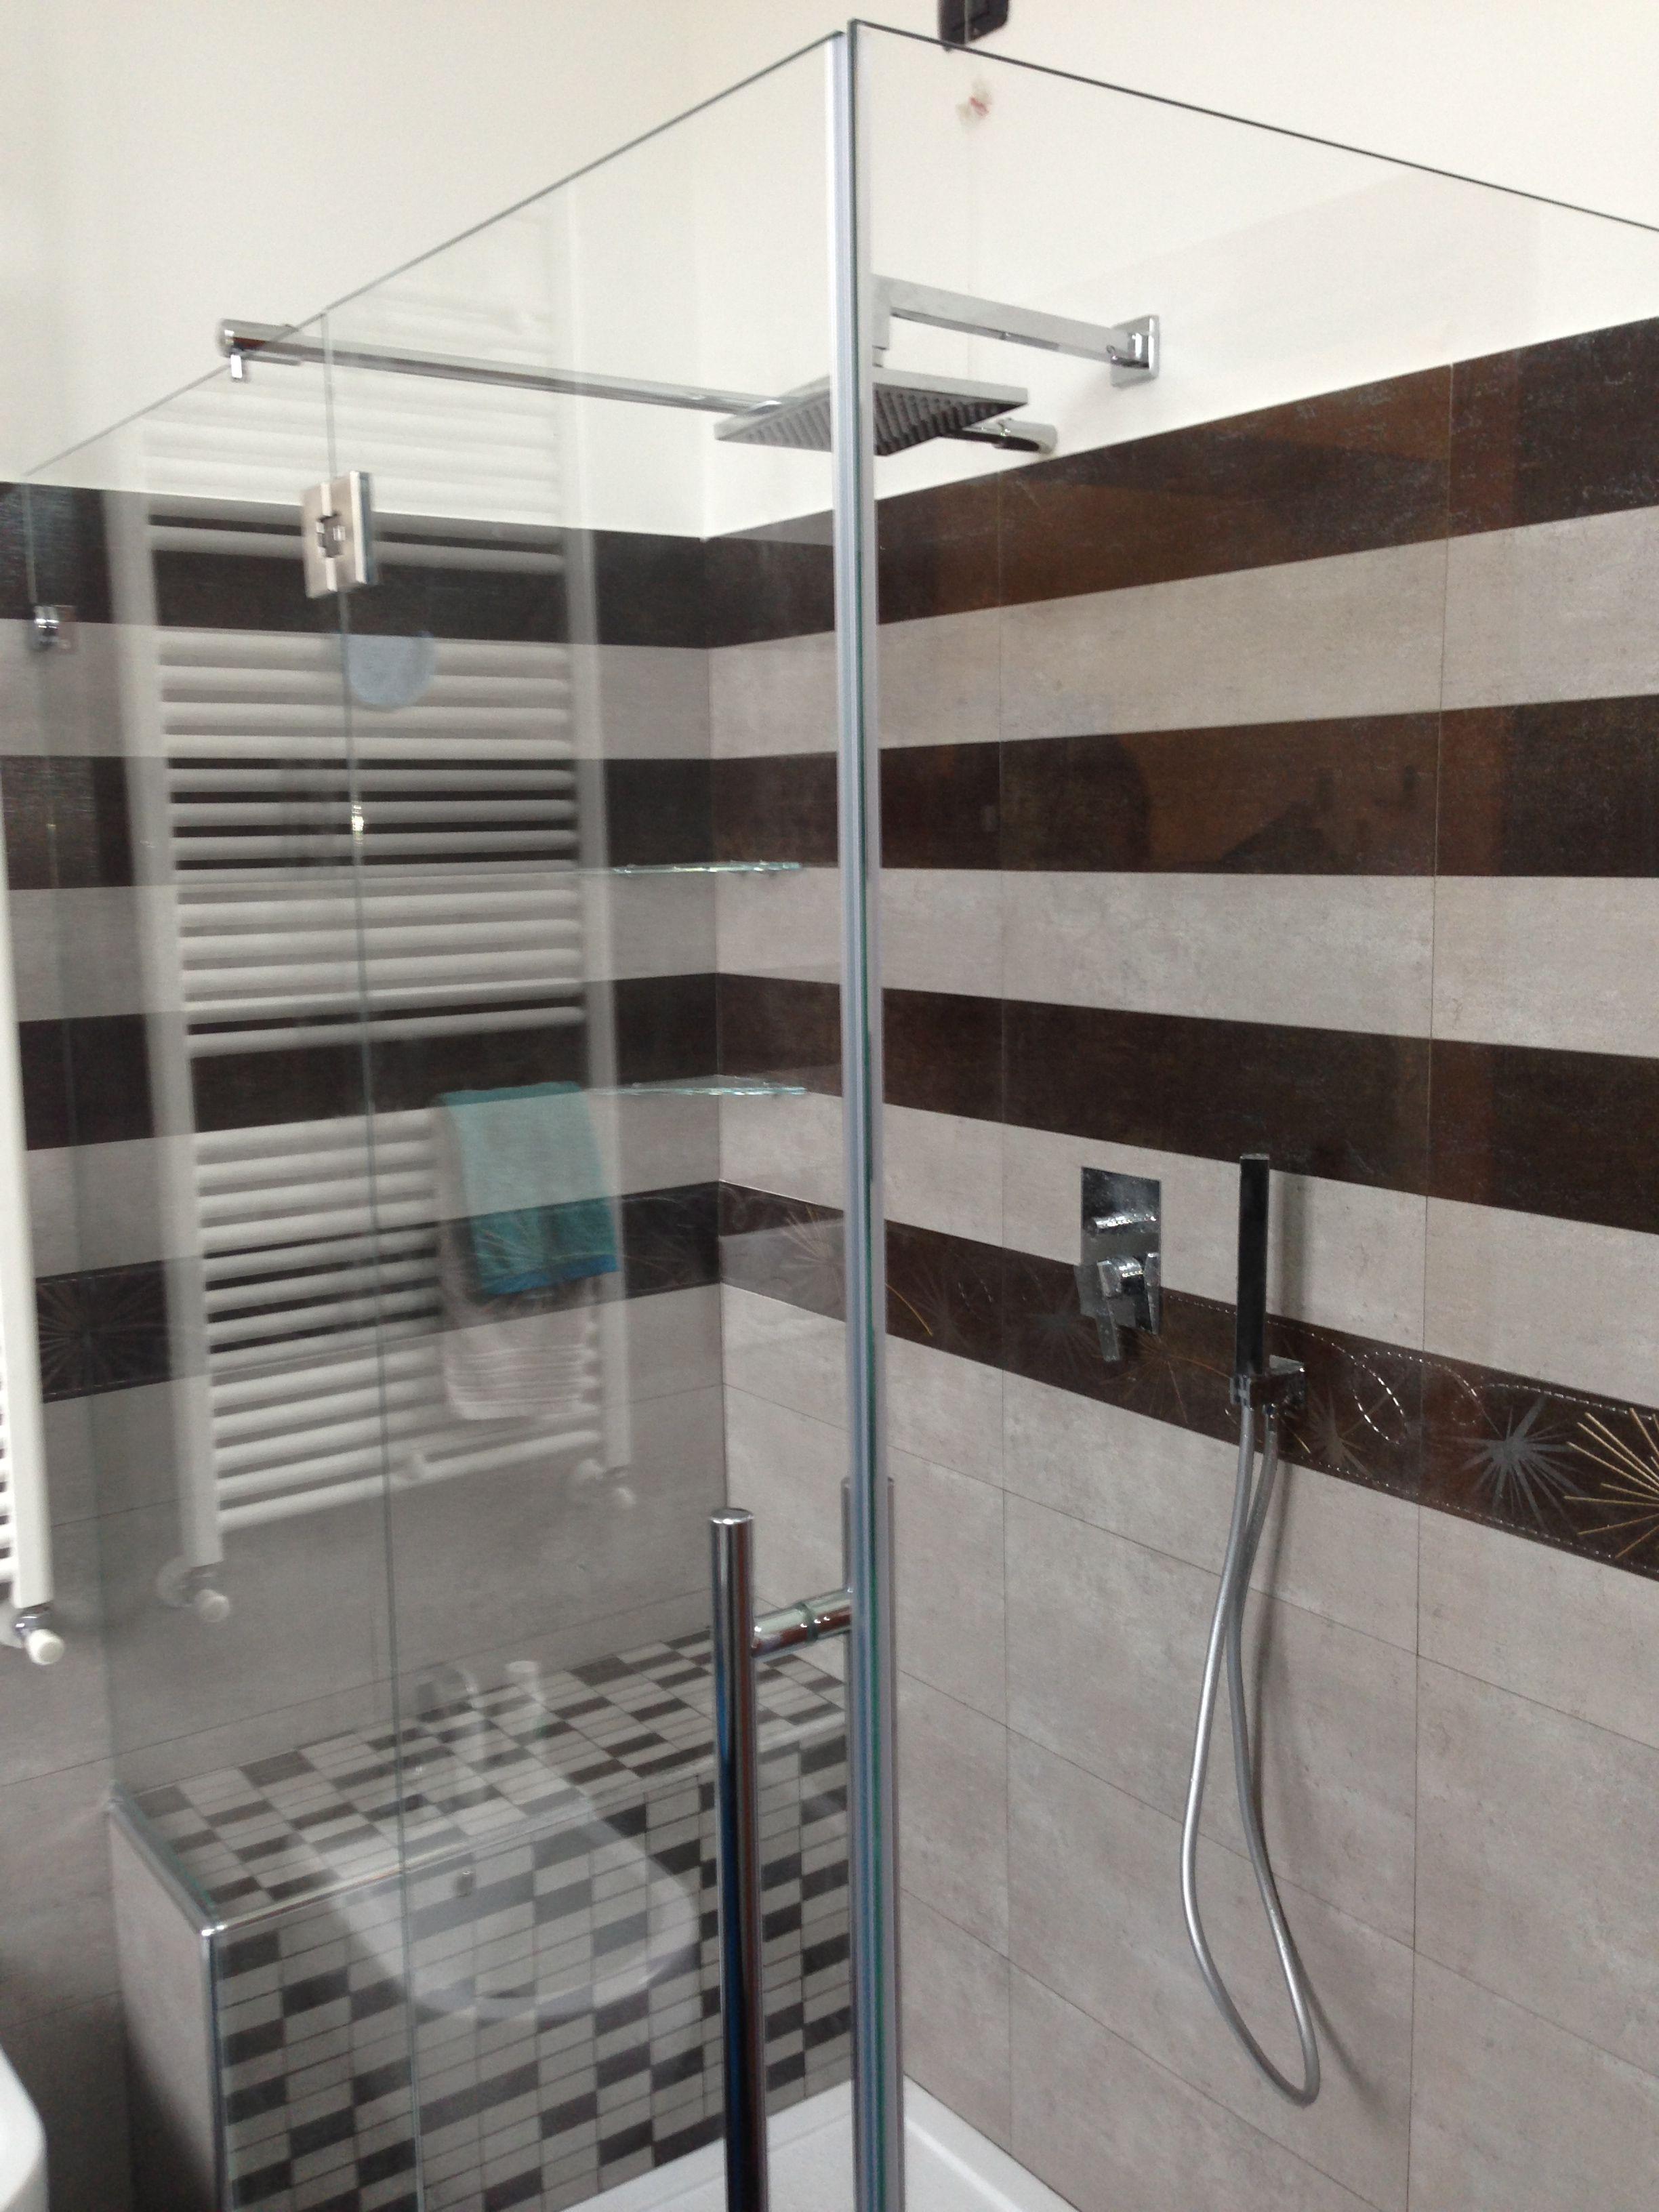 Studio dei rivestimenti per il box doccia arredo bagno - Il box doccia ...